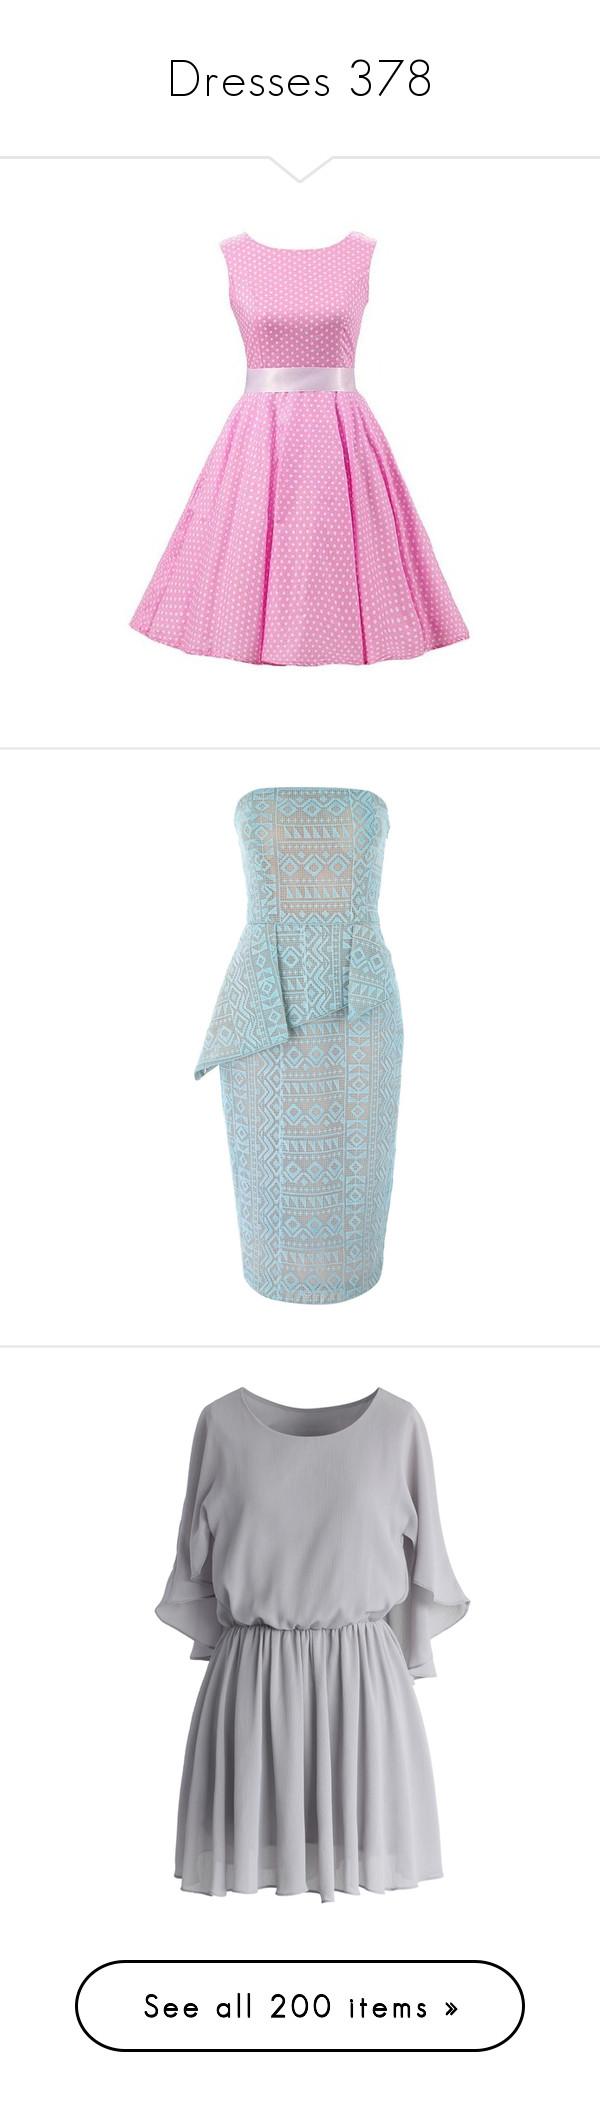 Dresses 378\